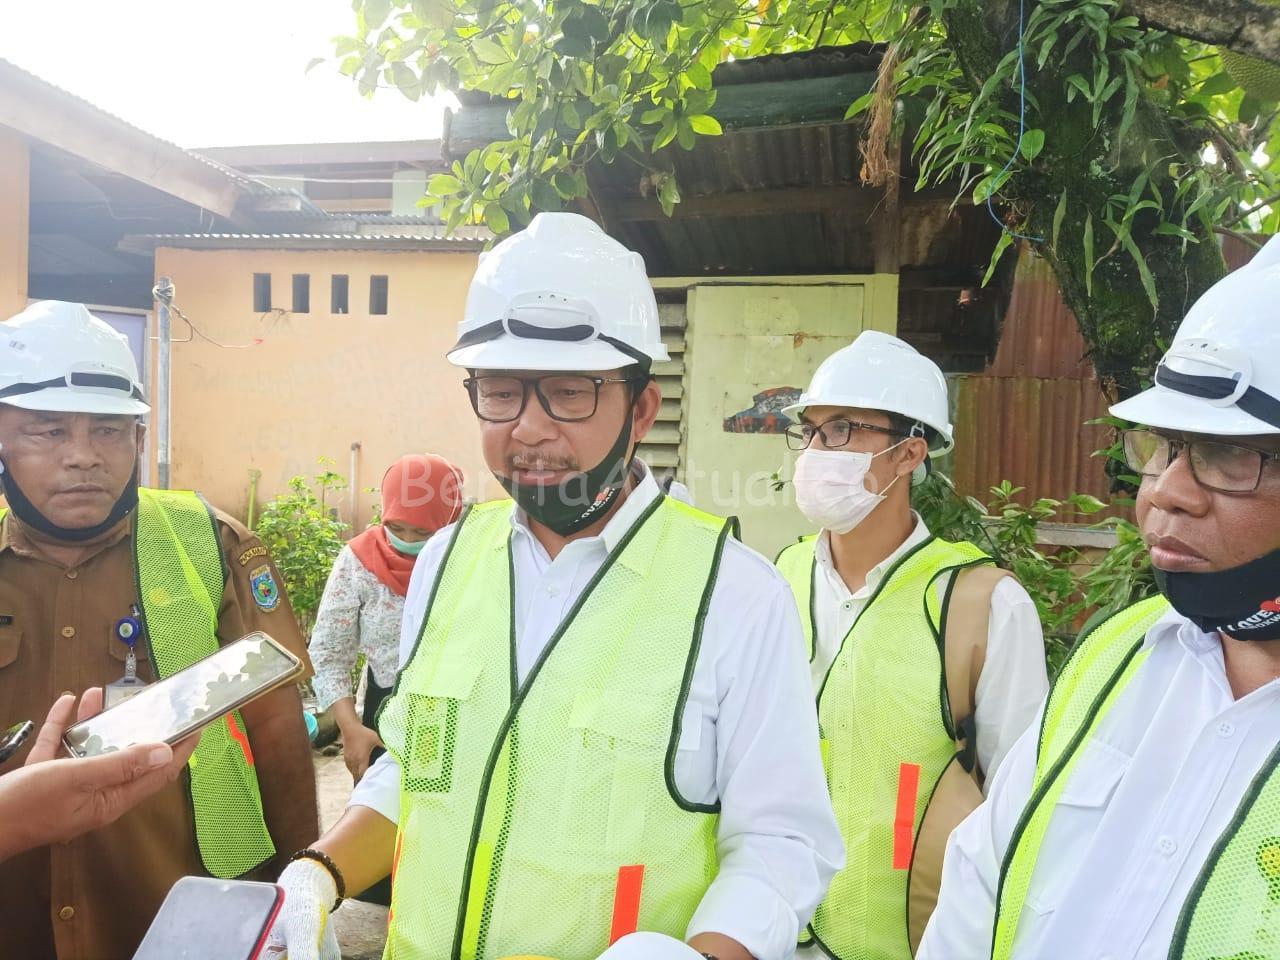 """Program """"KOTAKU"""" Tanpa Kumuh Papua Barat Akan Dilaksanakan di 3 Daerah Ini 18 IMG 20200714 WA0048"""